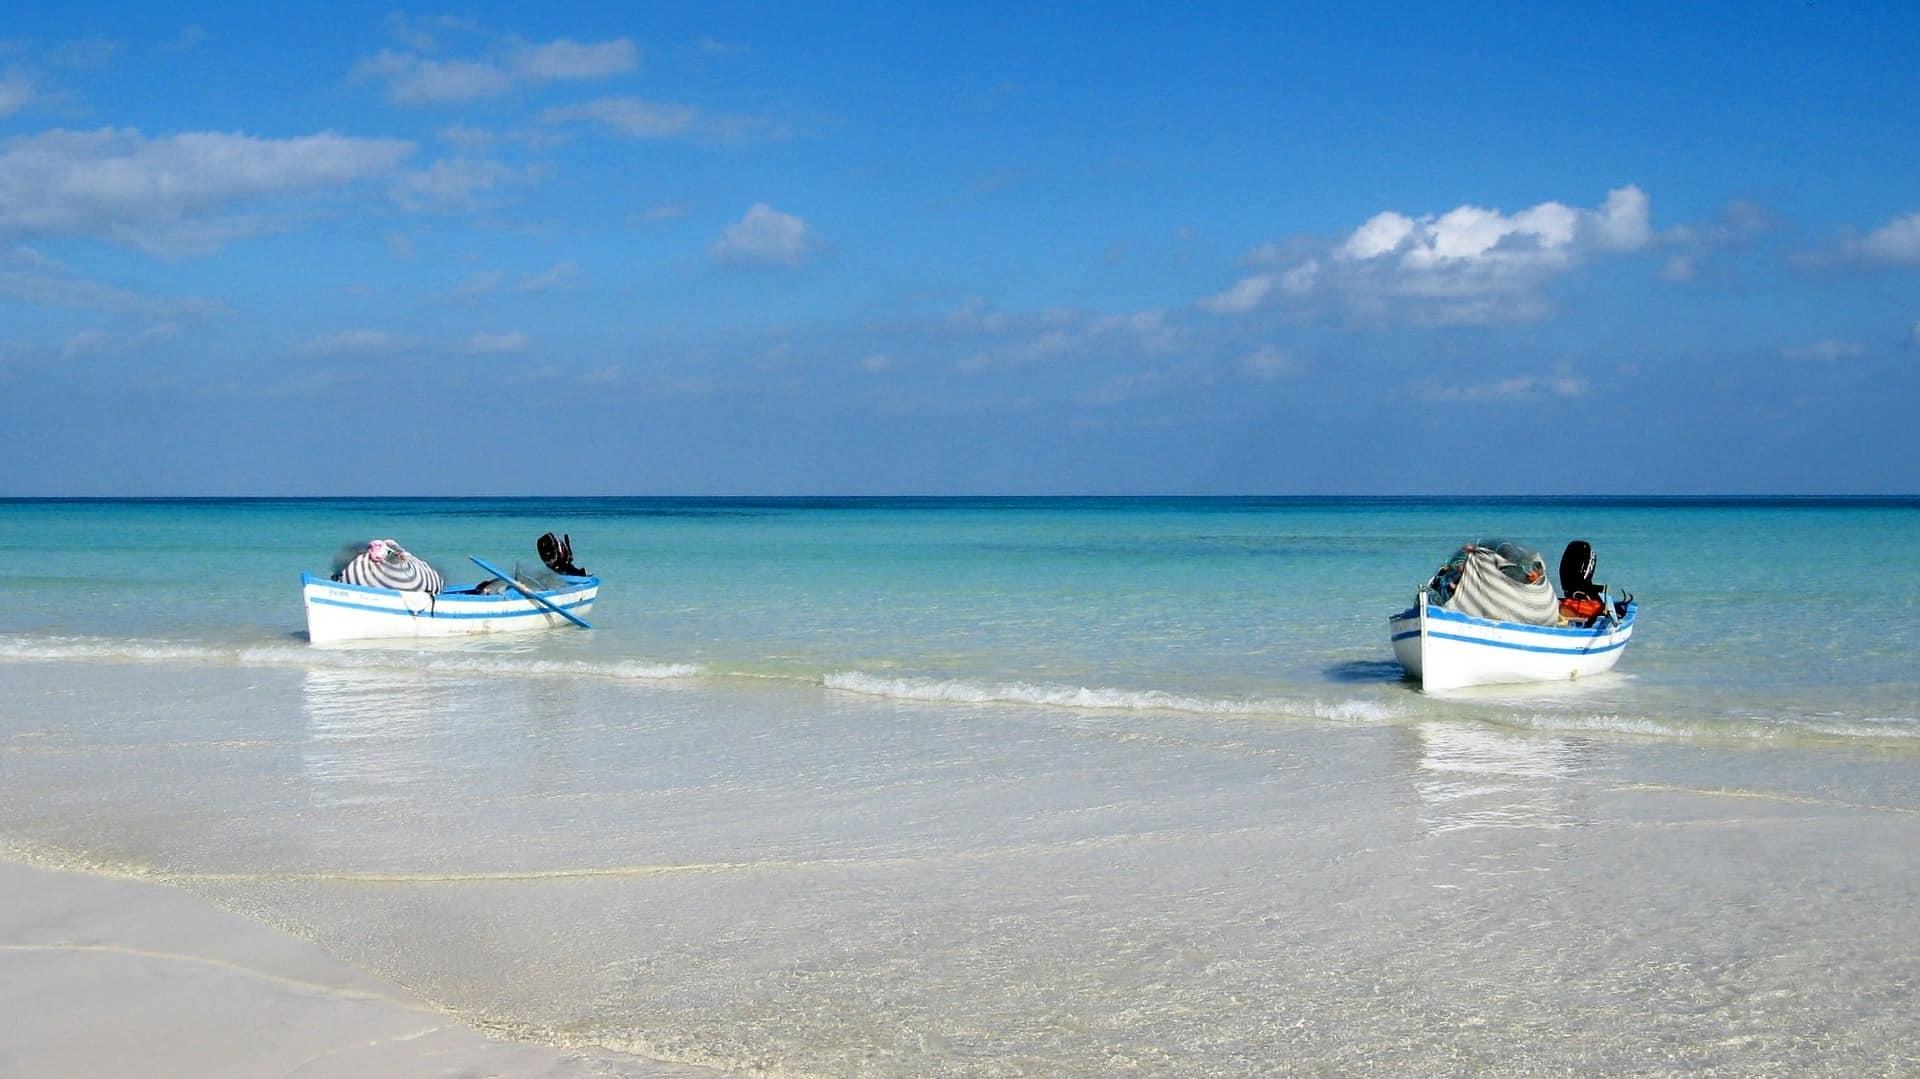 Sousse All Inclusive Urlaub nur 257,00€ - eine Woche Tunesien